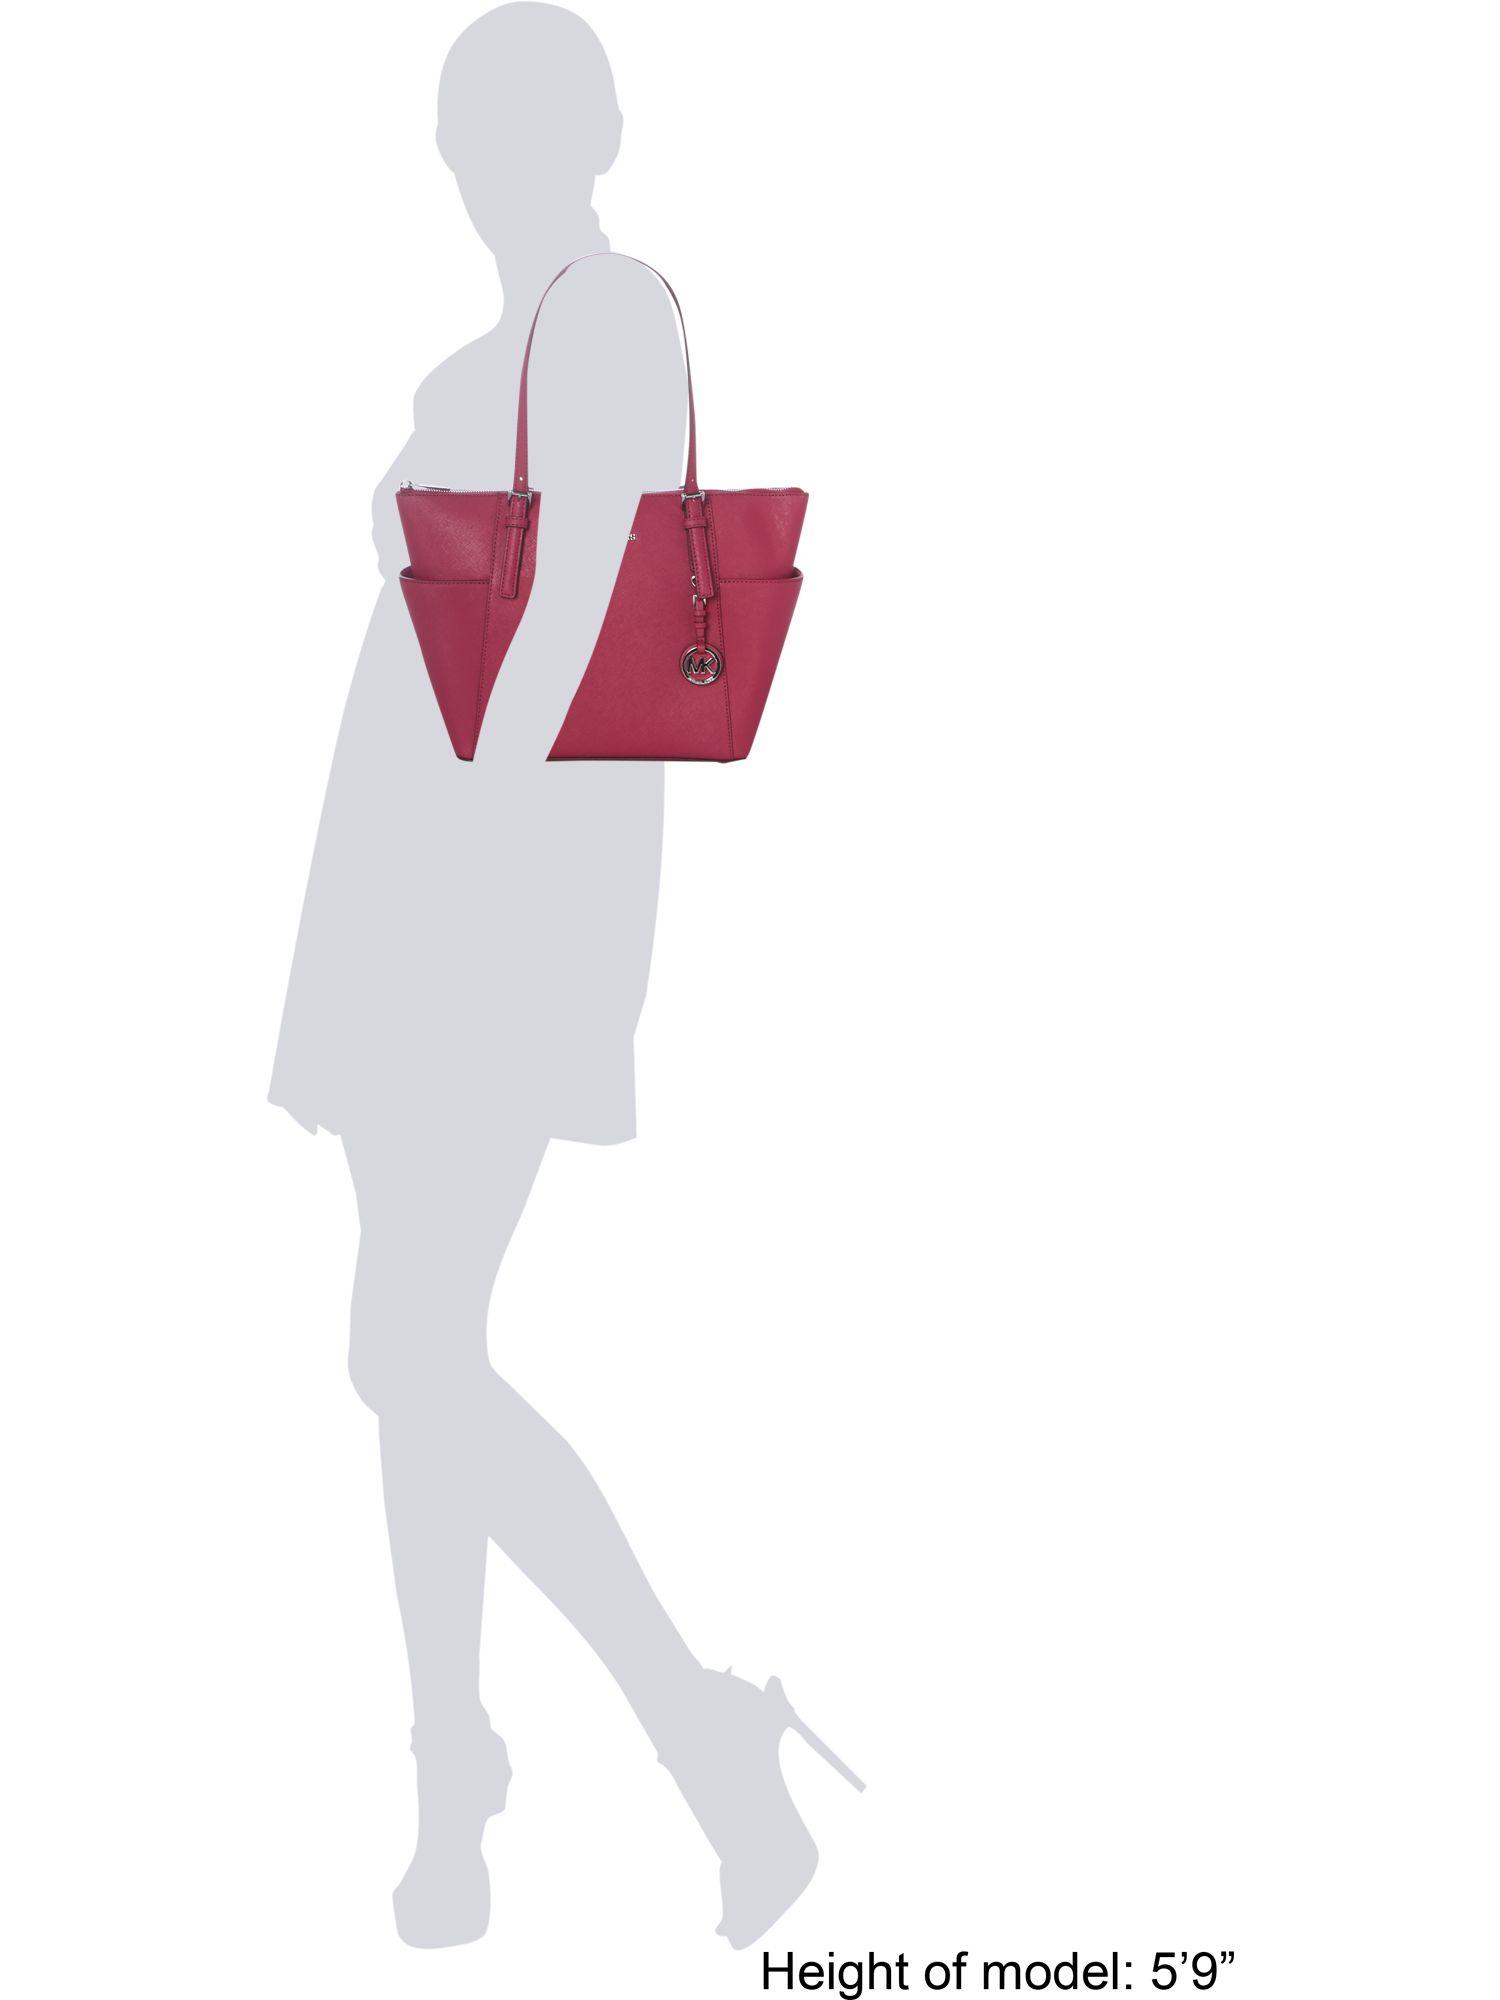 Michael Kors Jet Set Item Pink Zip Top Tote Bag